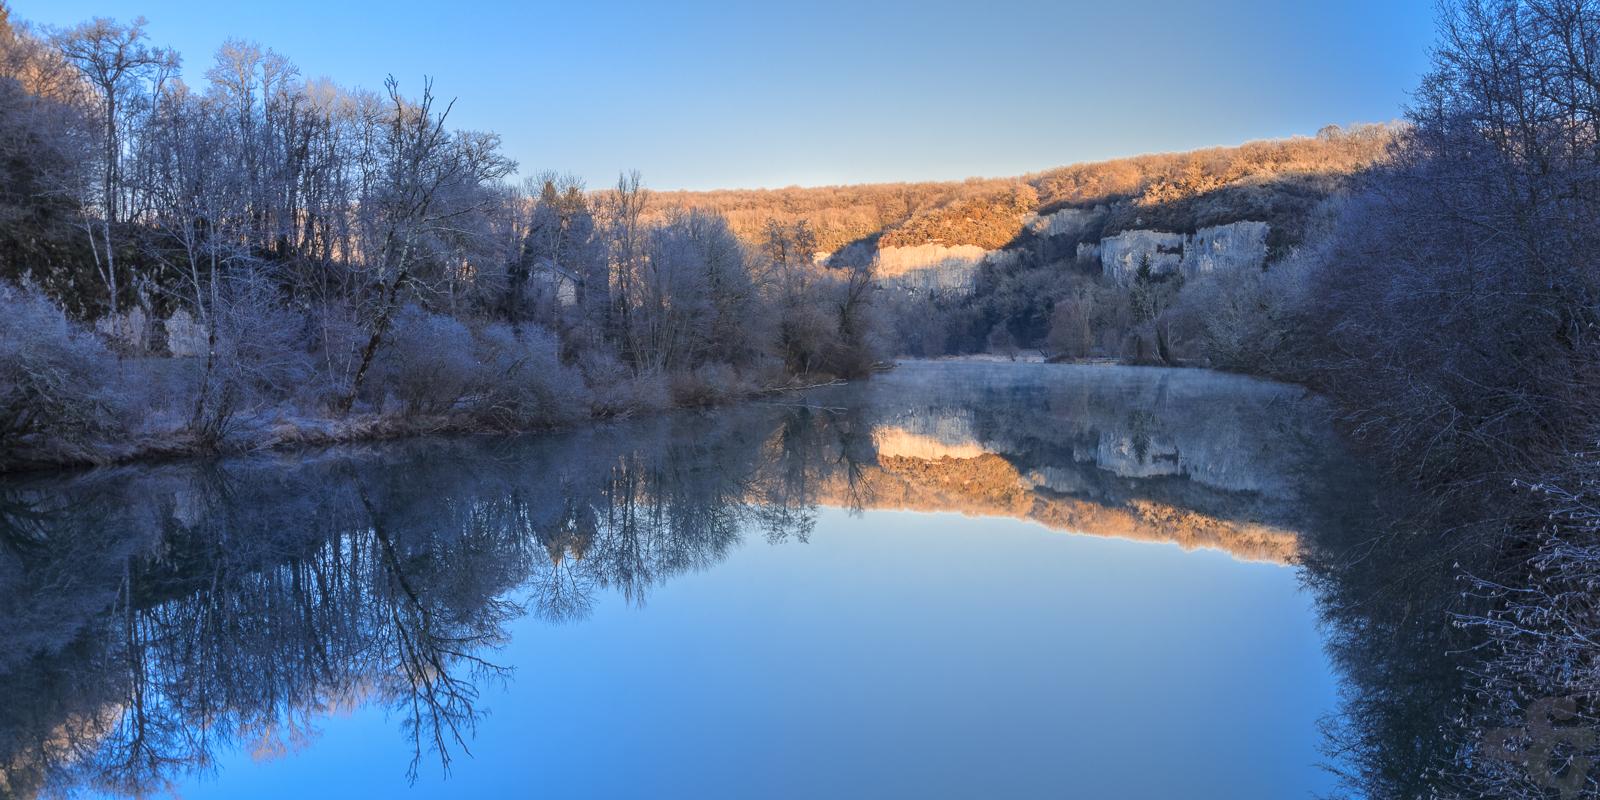 Pont de ch tillon vall e de la loue st phane gavoye for On traverse un miroir